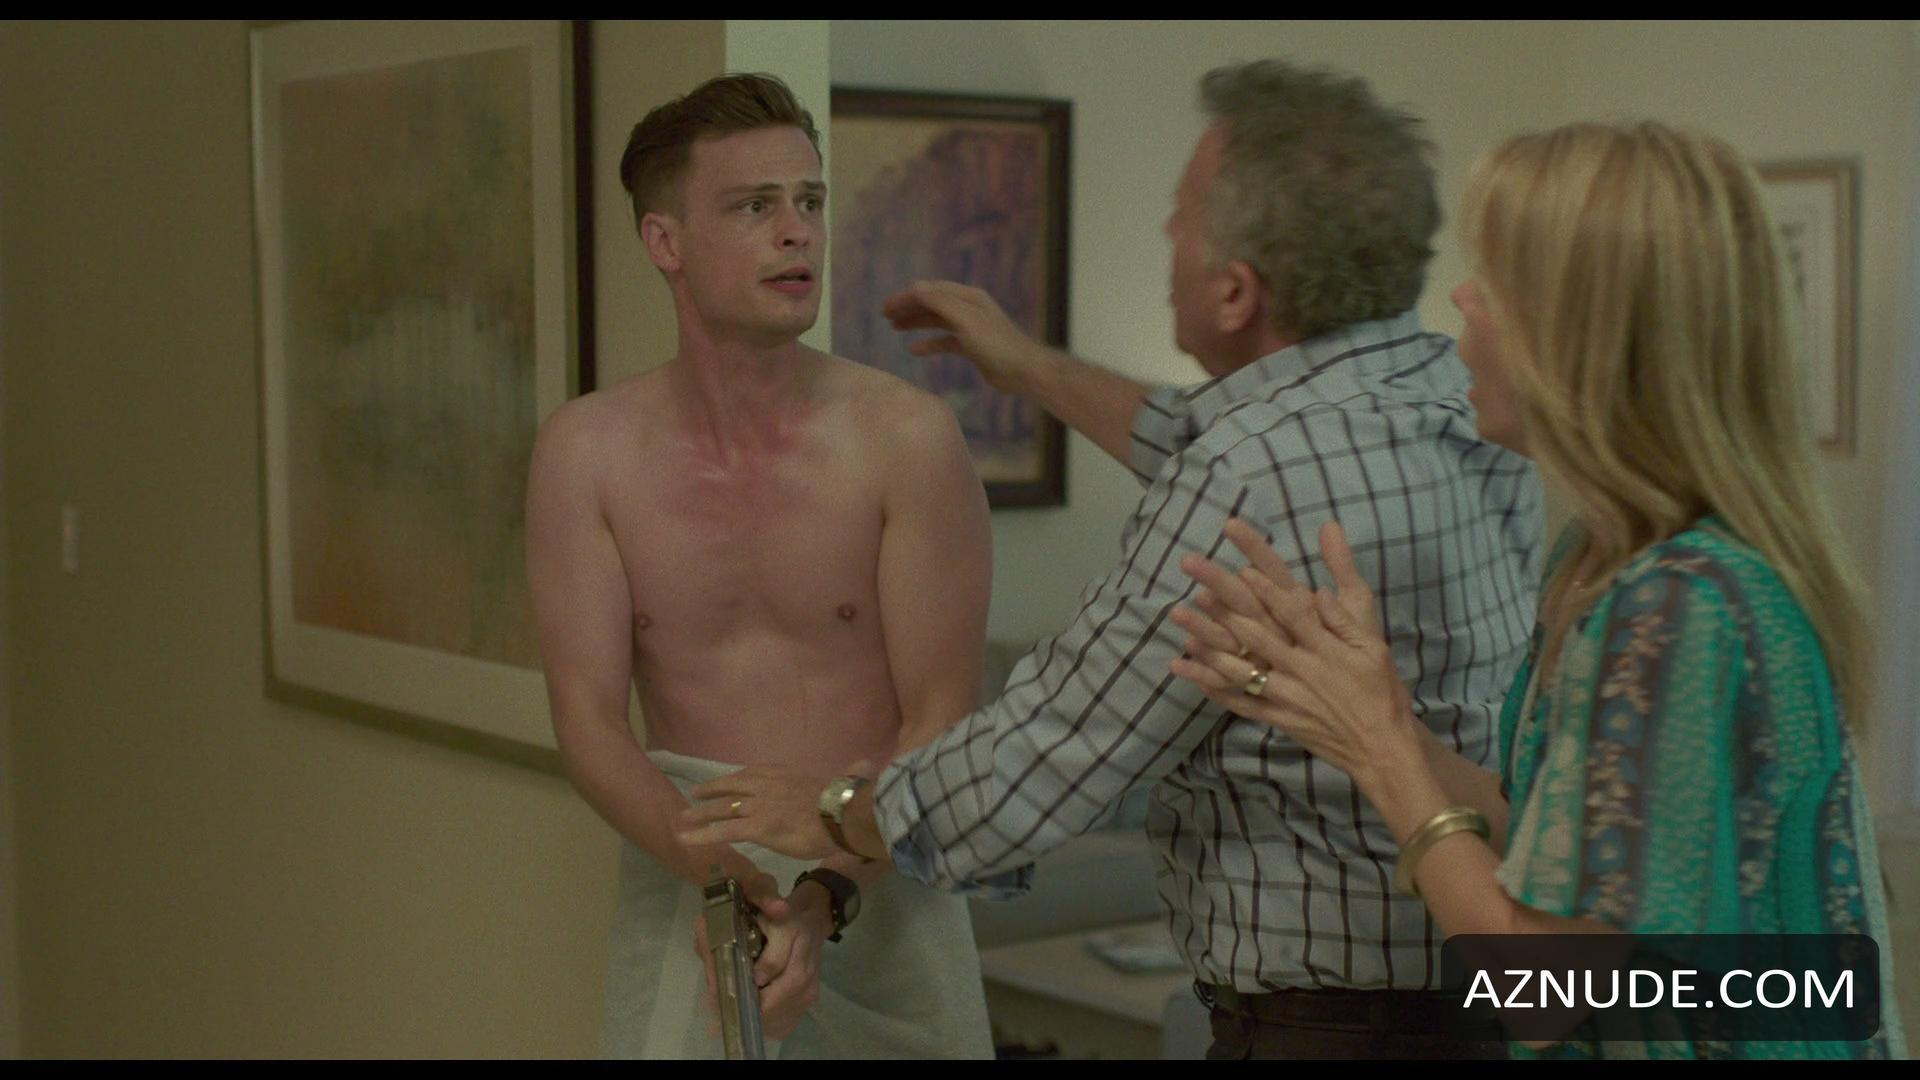 Life After Beth Nude Scenes - Aznude Men-1004